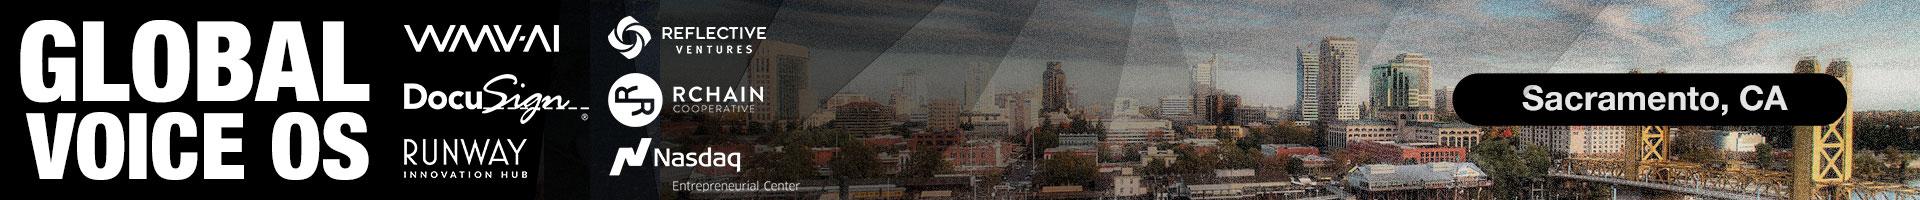 Event-Global-Voice-OS-1920x200-Sacramento-CA